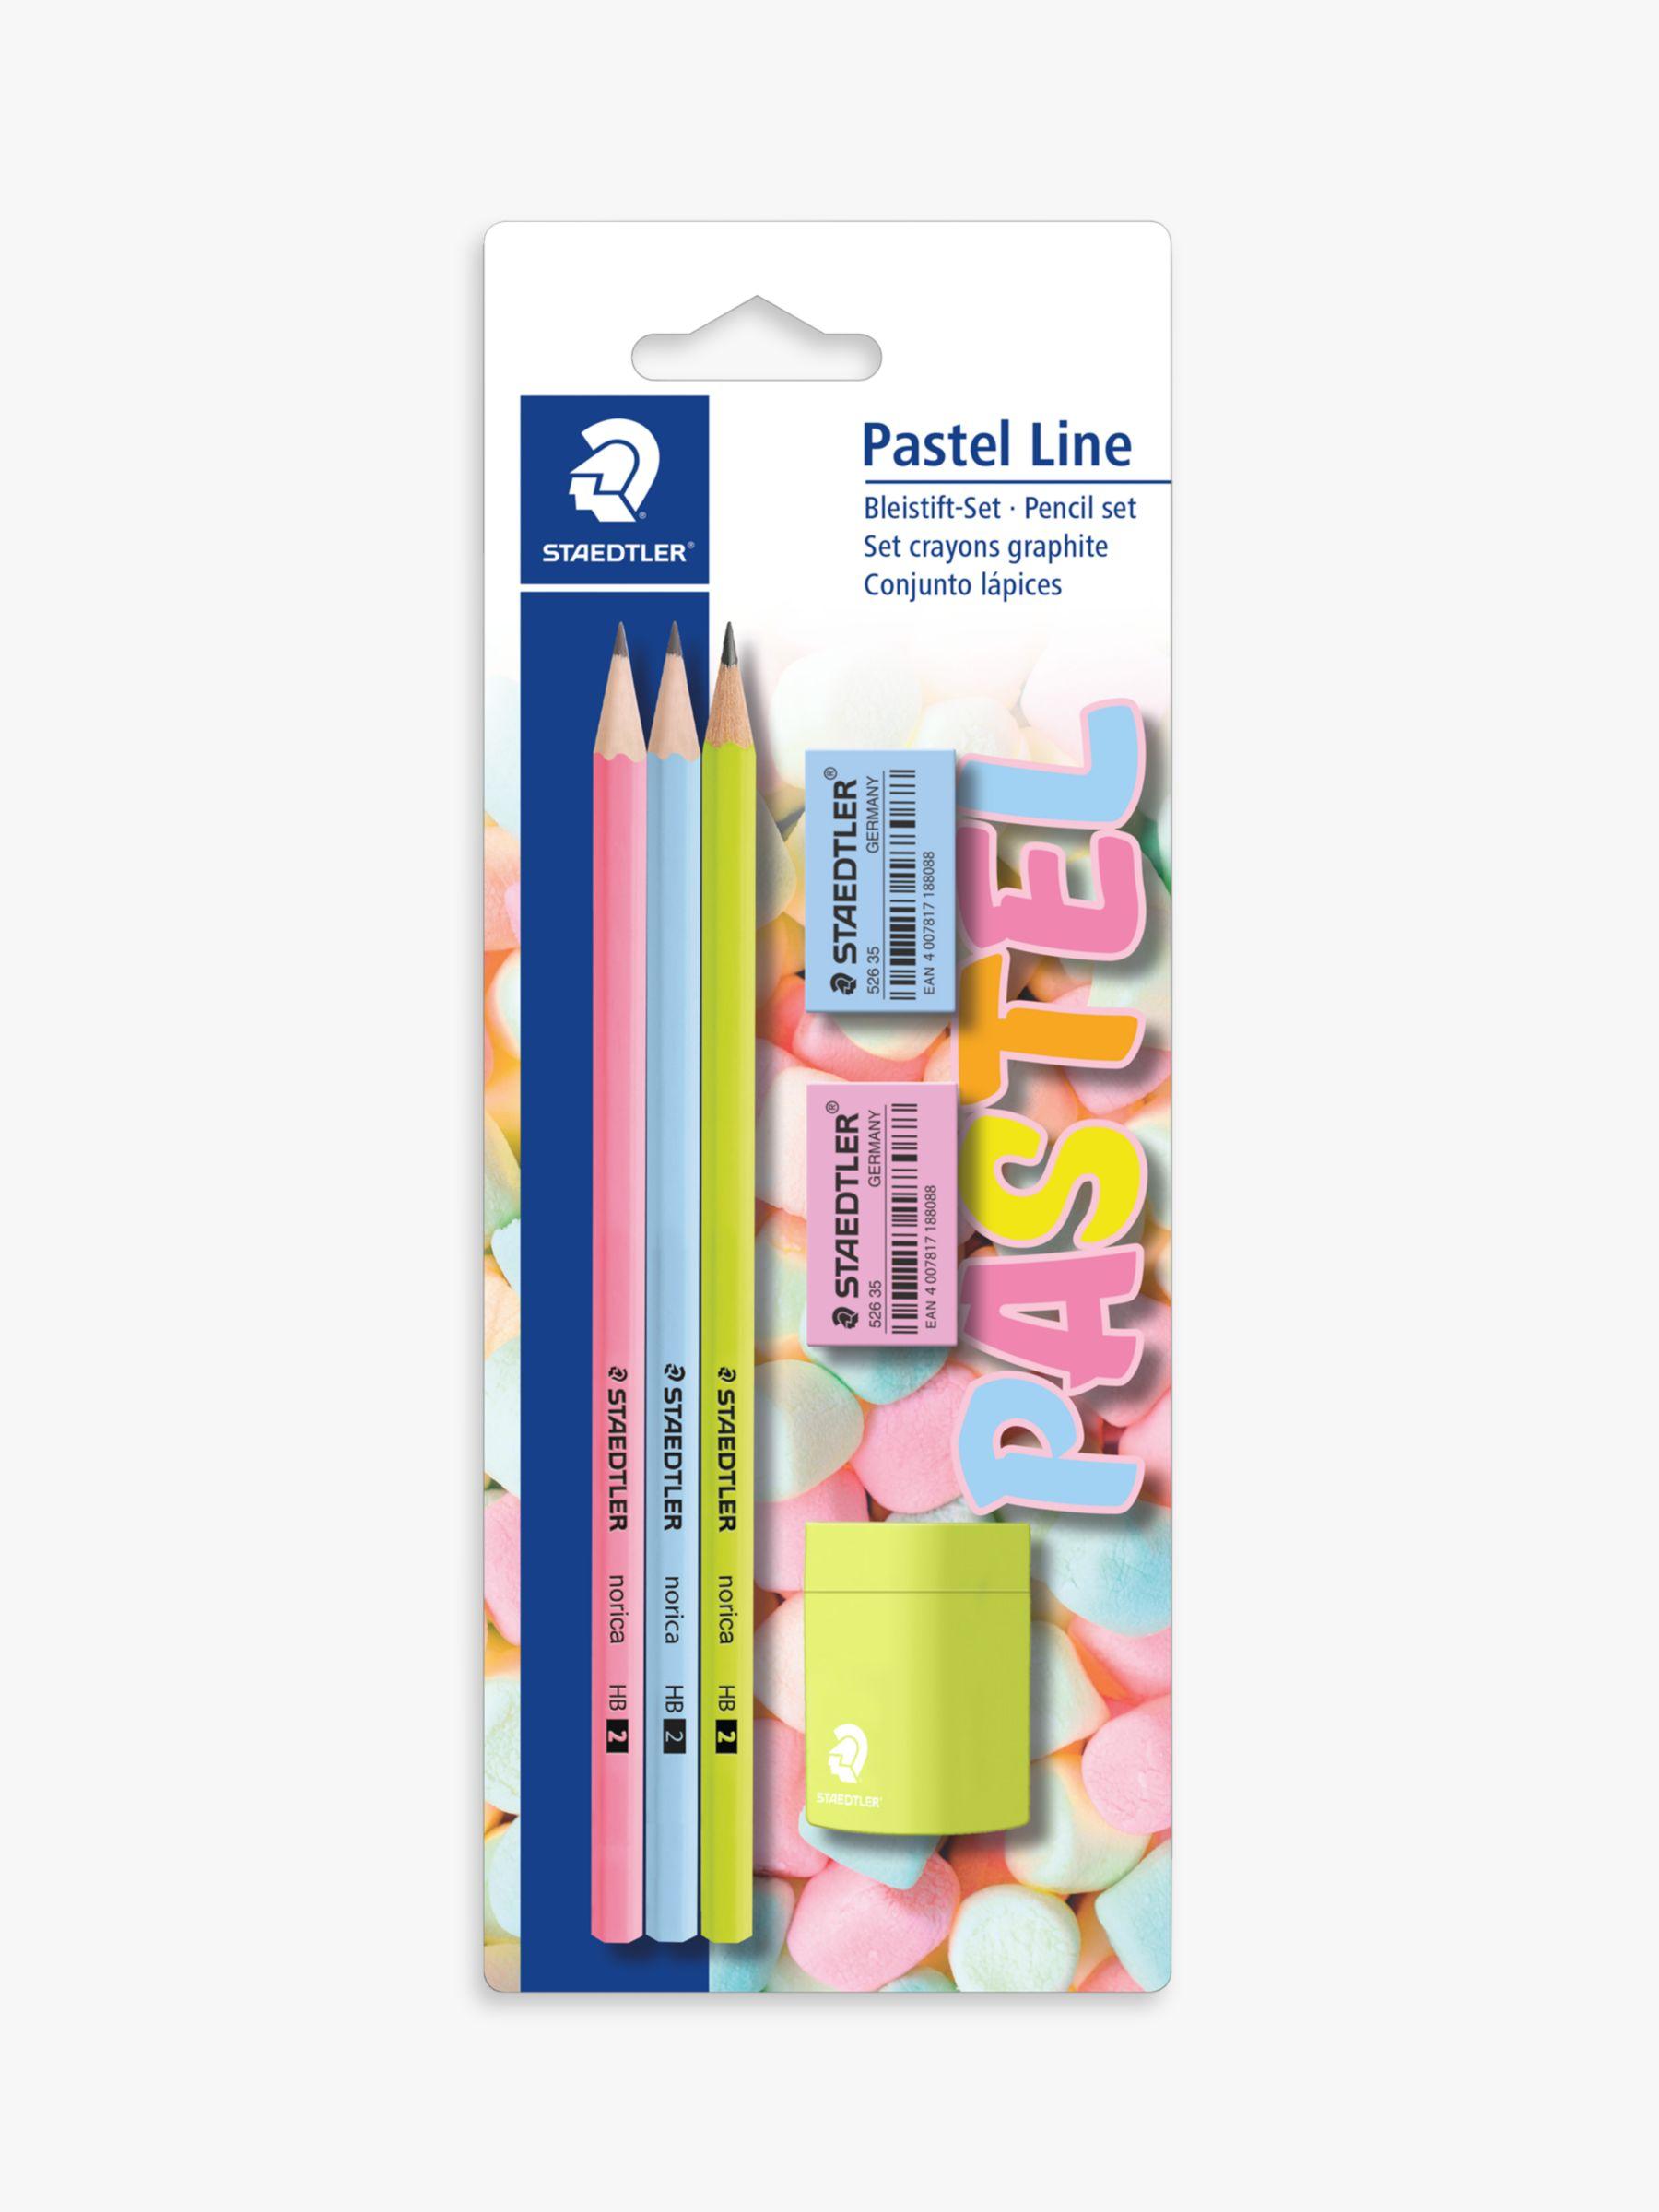 Staedtler STAEDTLER Pastel Line Pencil Set, 3HB